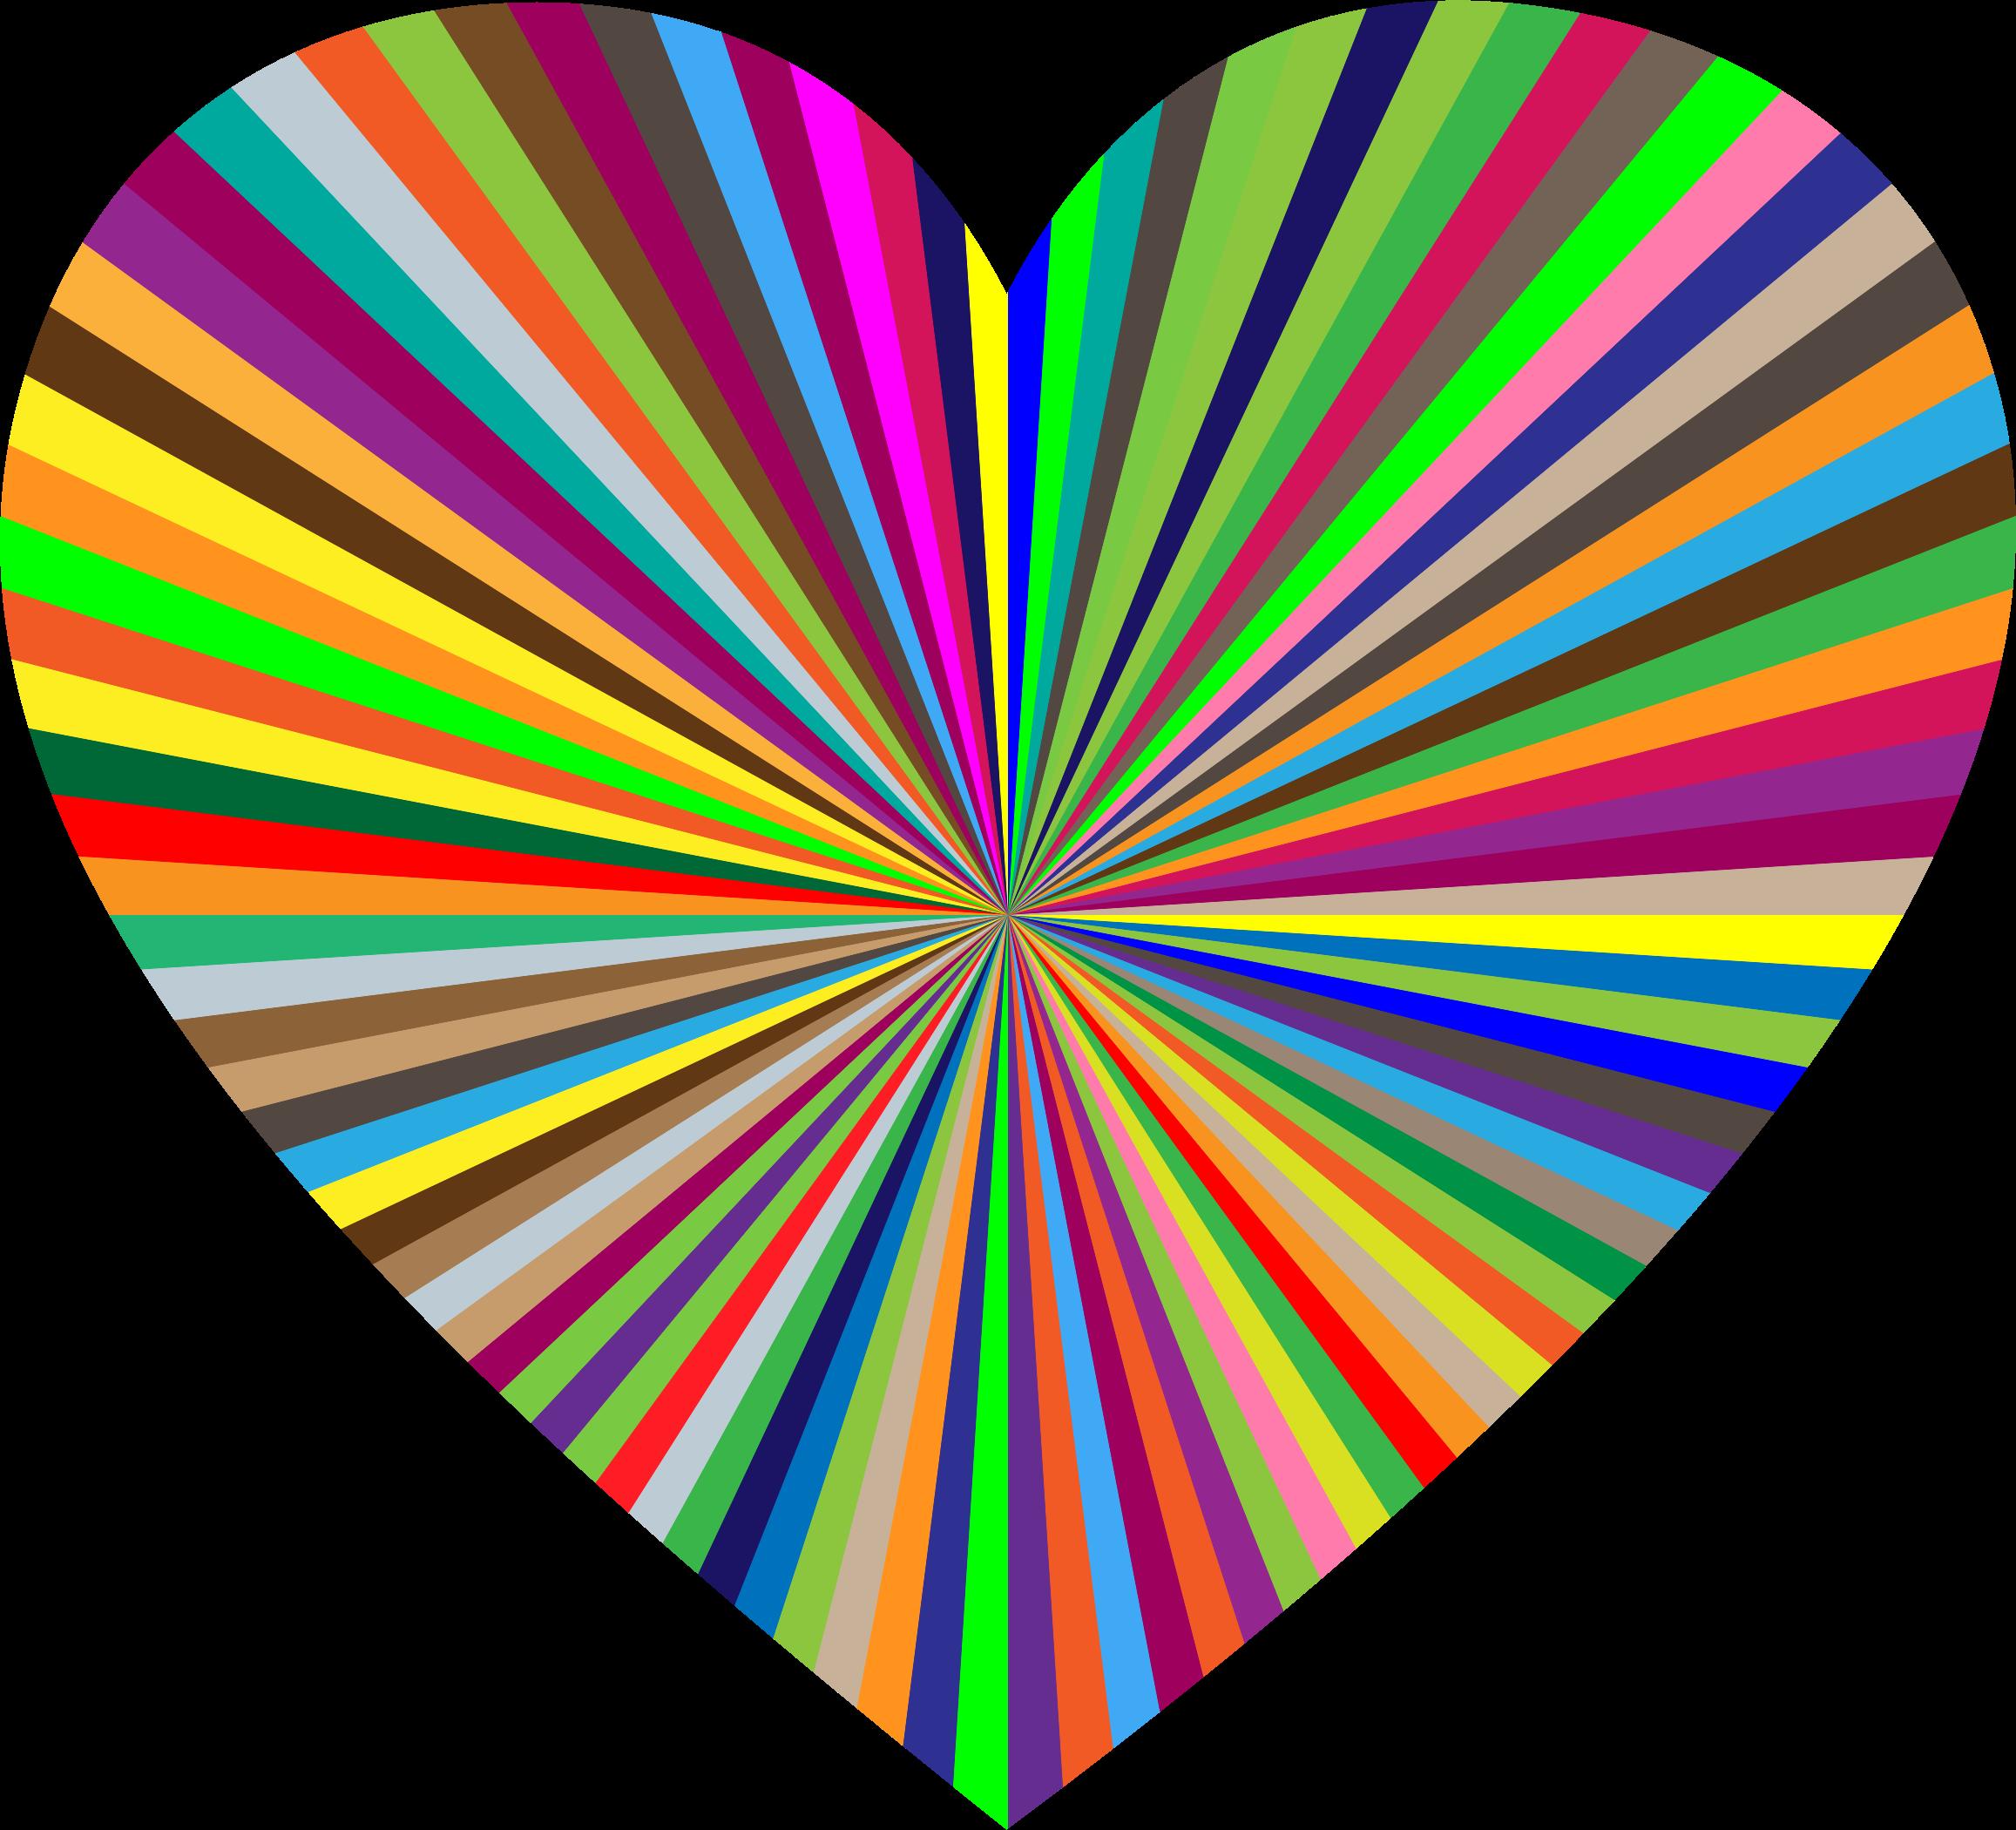 clipart starburst heart 18 valentine clip art images valentine clip art free